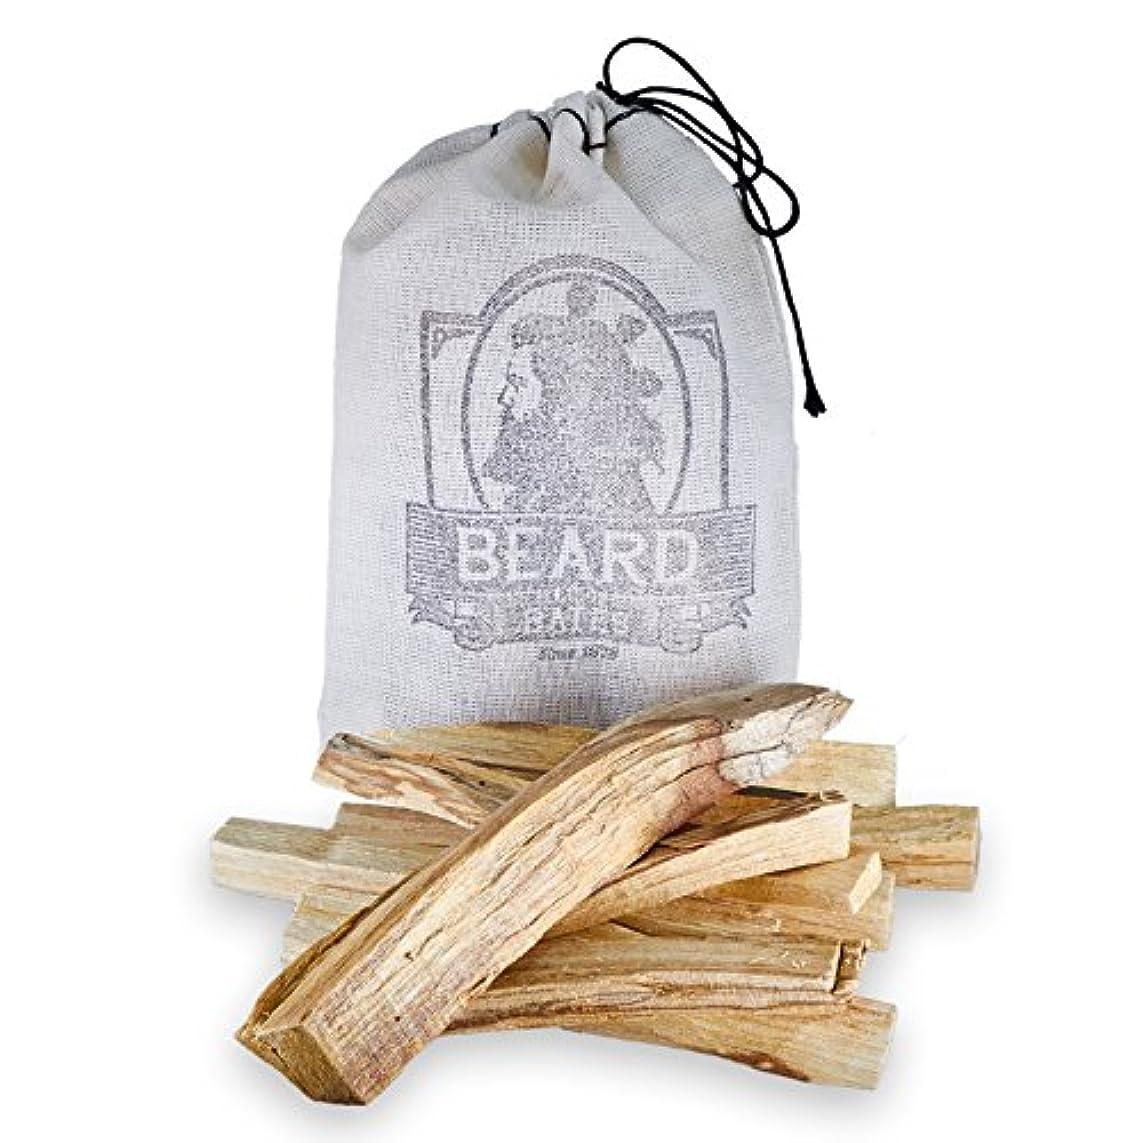 赤道不適当蘇生するBeard & Bates | Palo Santo – Extra Large、Handcut、Sustainably Wild Harvested Incense Sticks for瞑想、クレンジング、Stress...